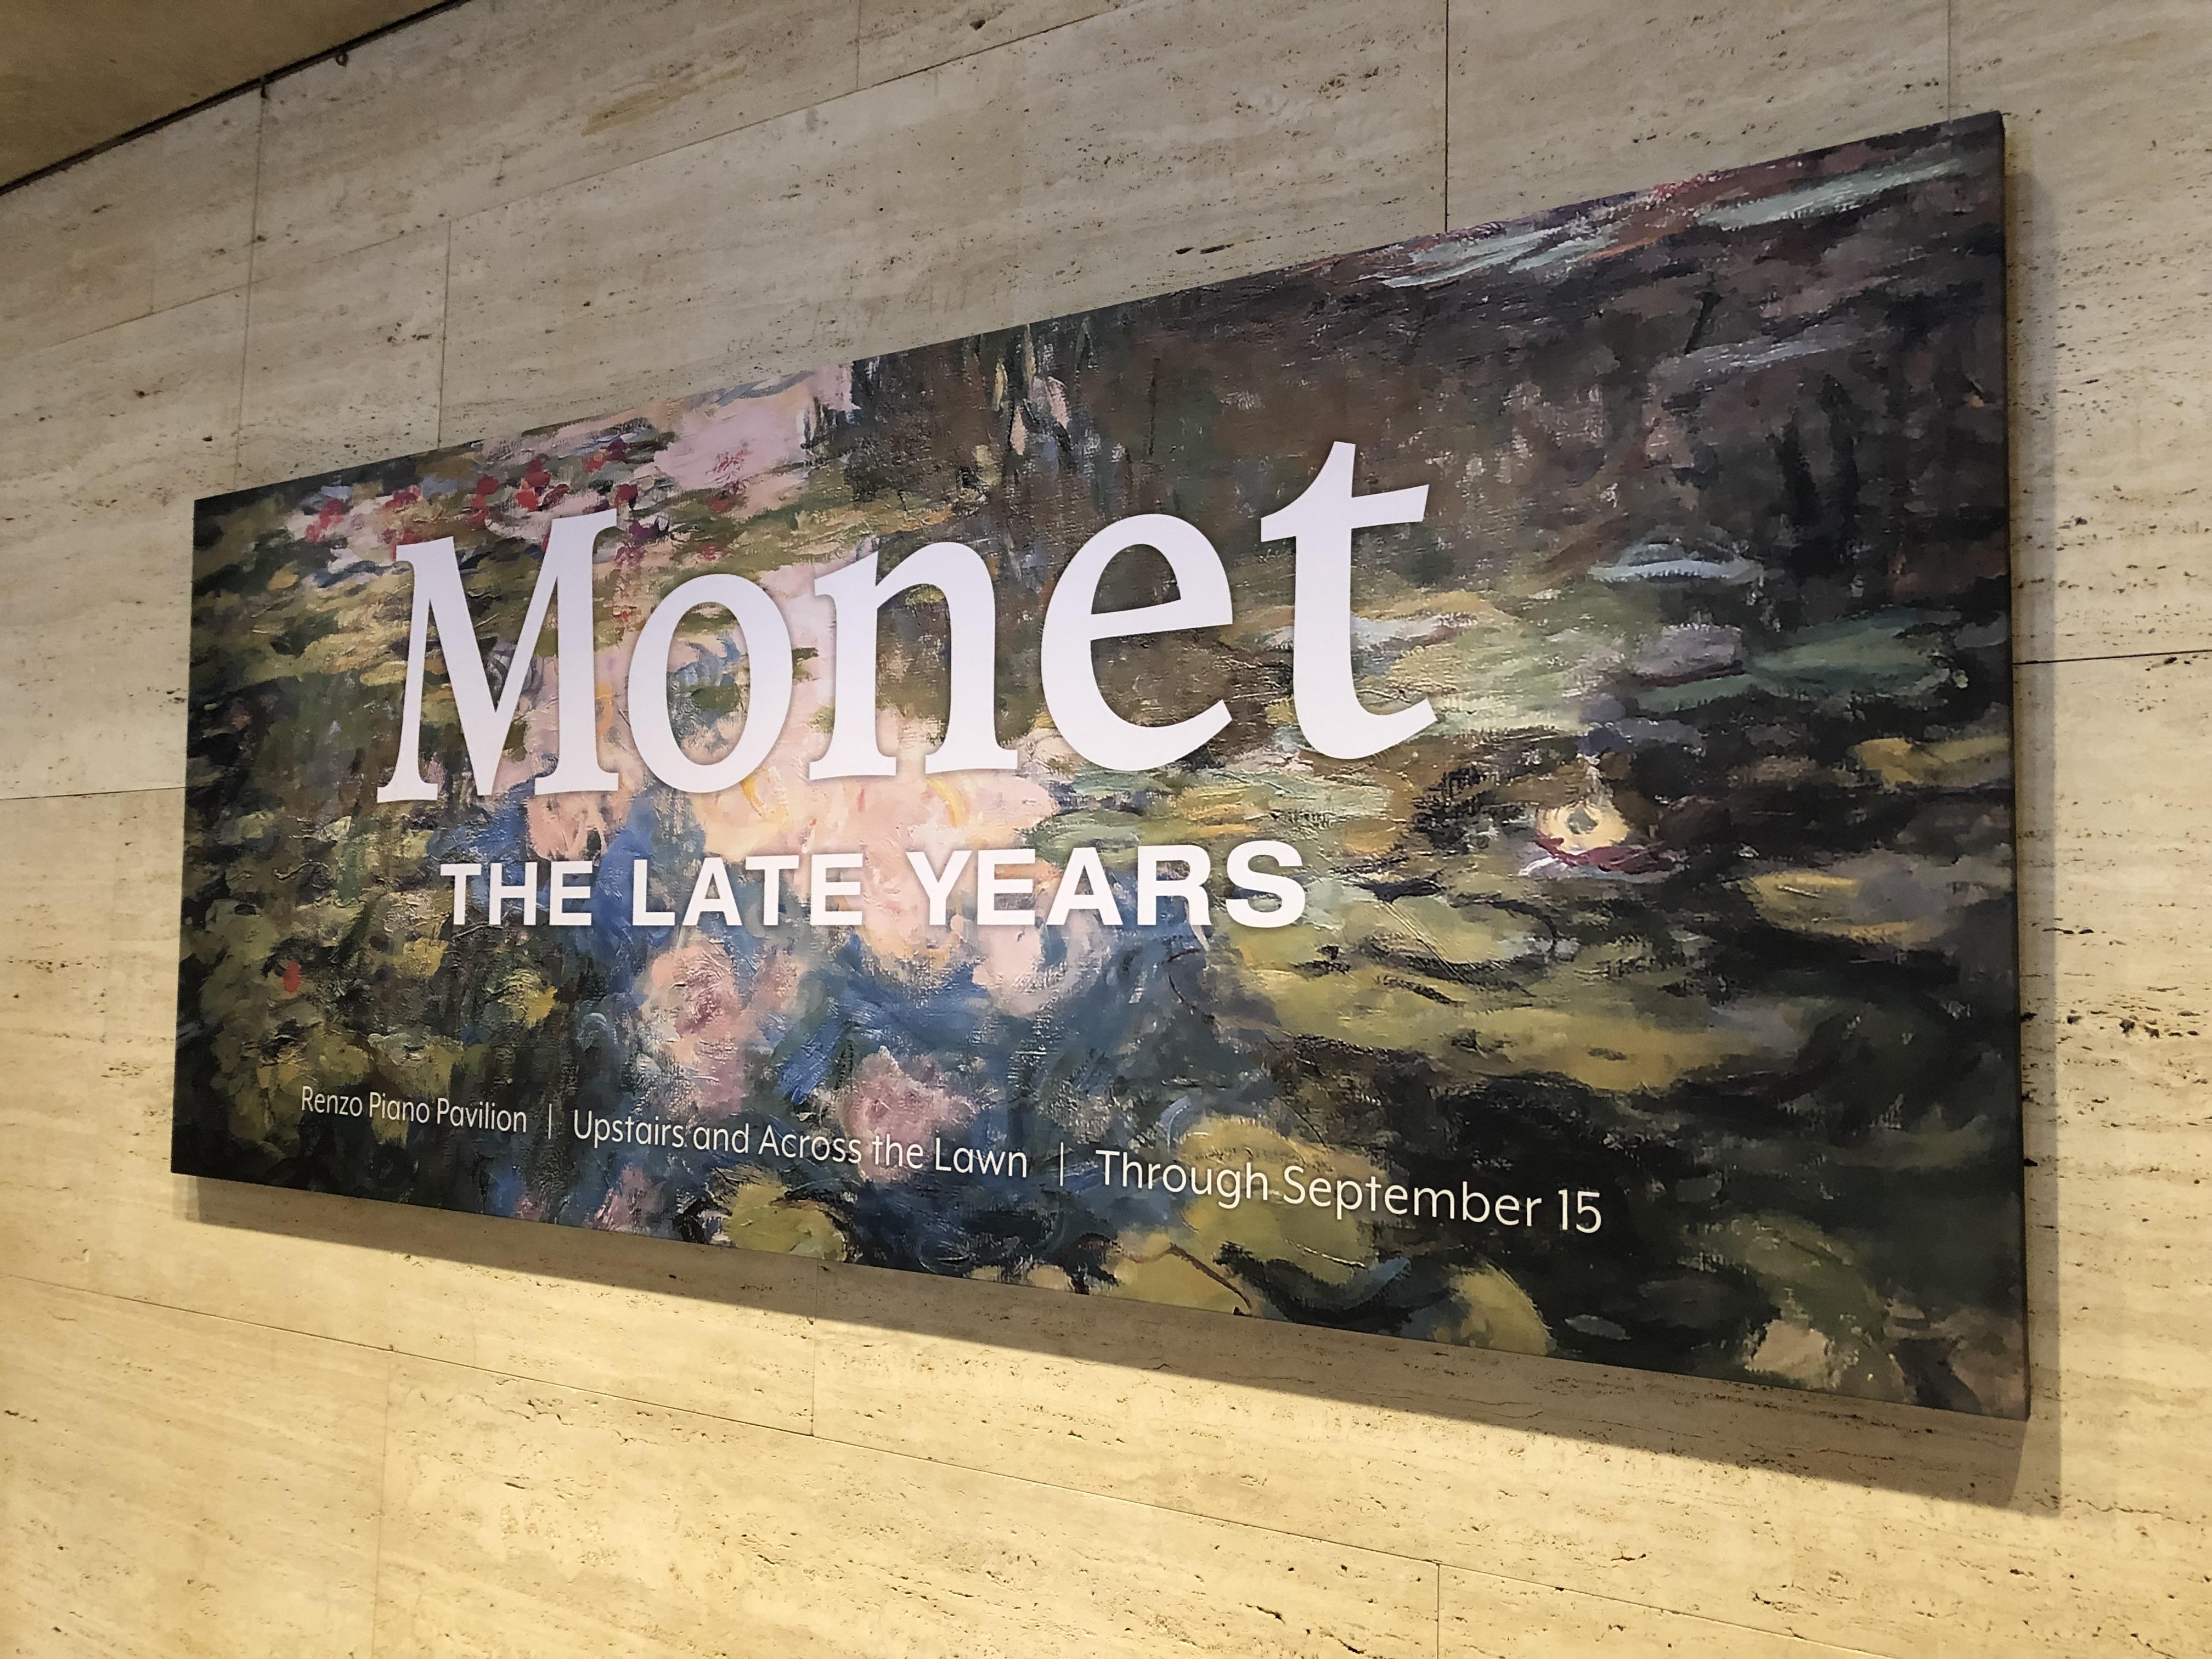 キンベル美術館のモネ展(2019年9月15日まで)